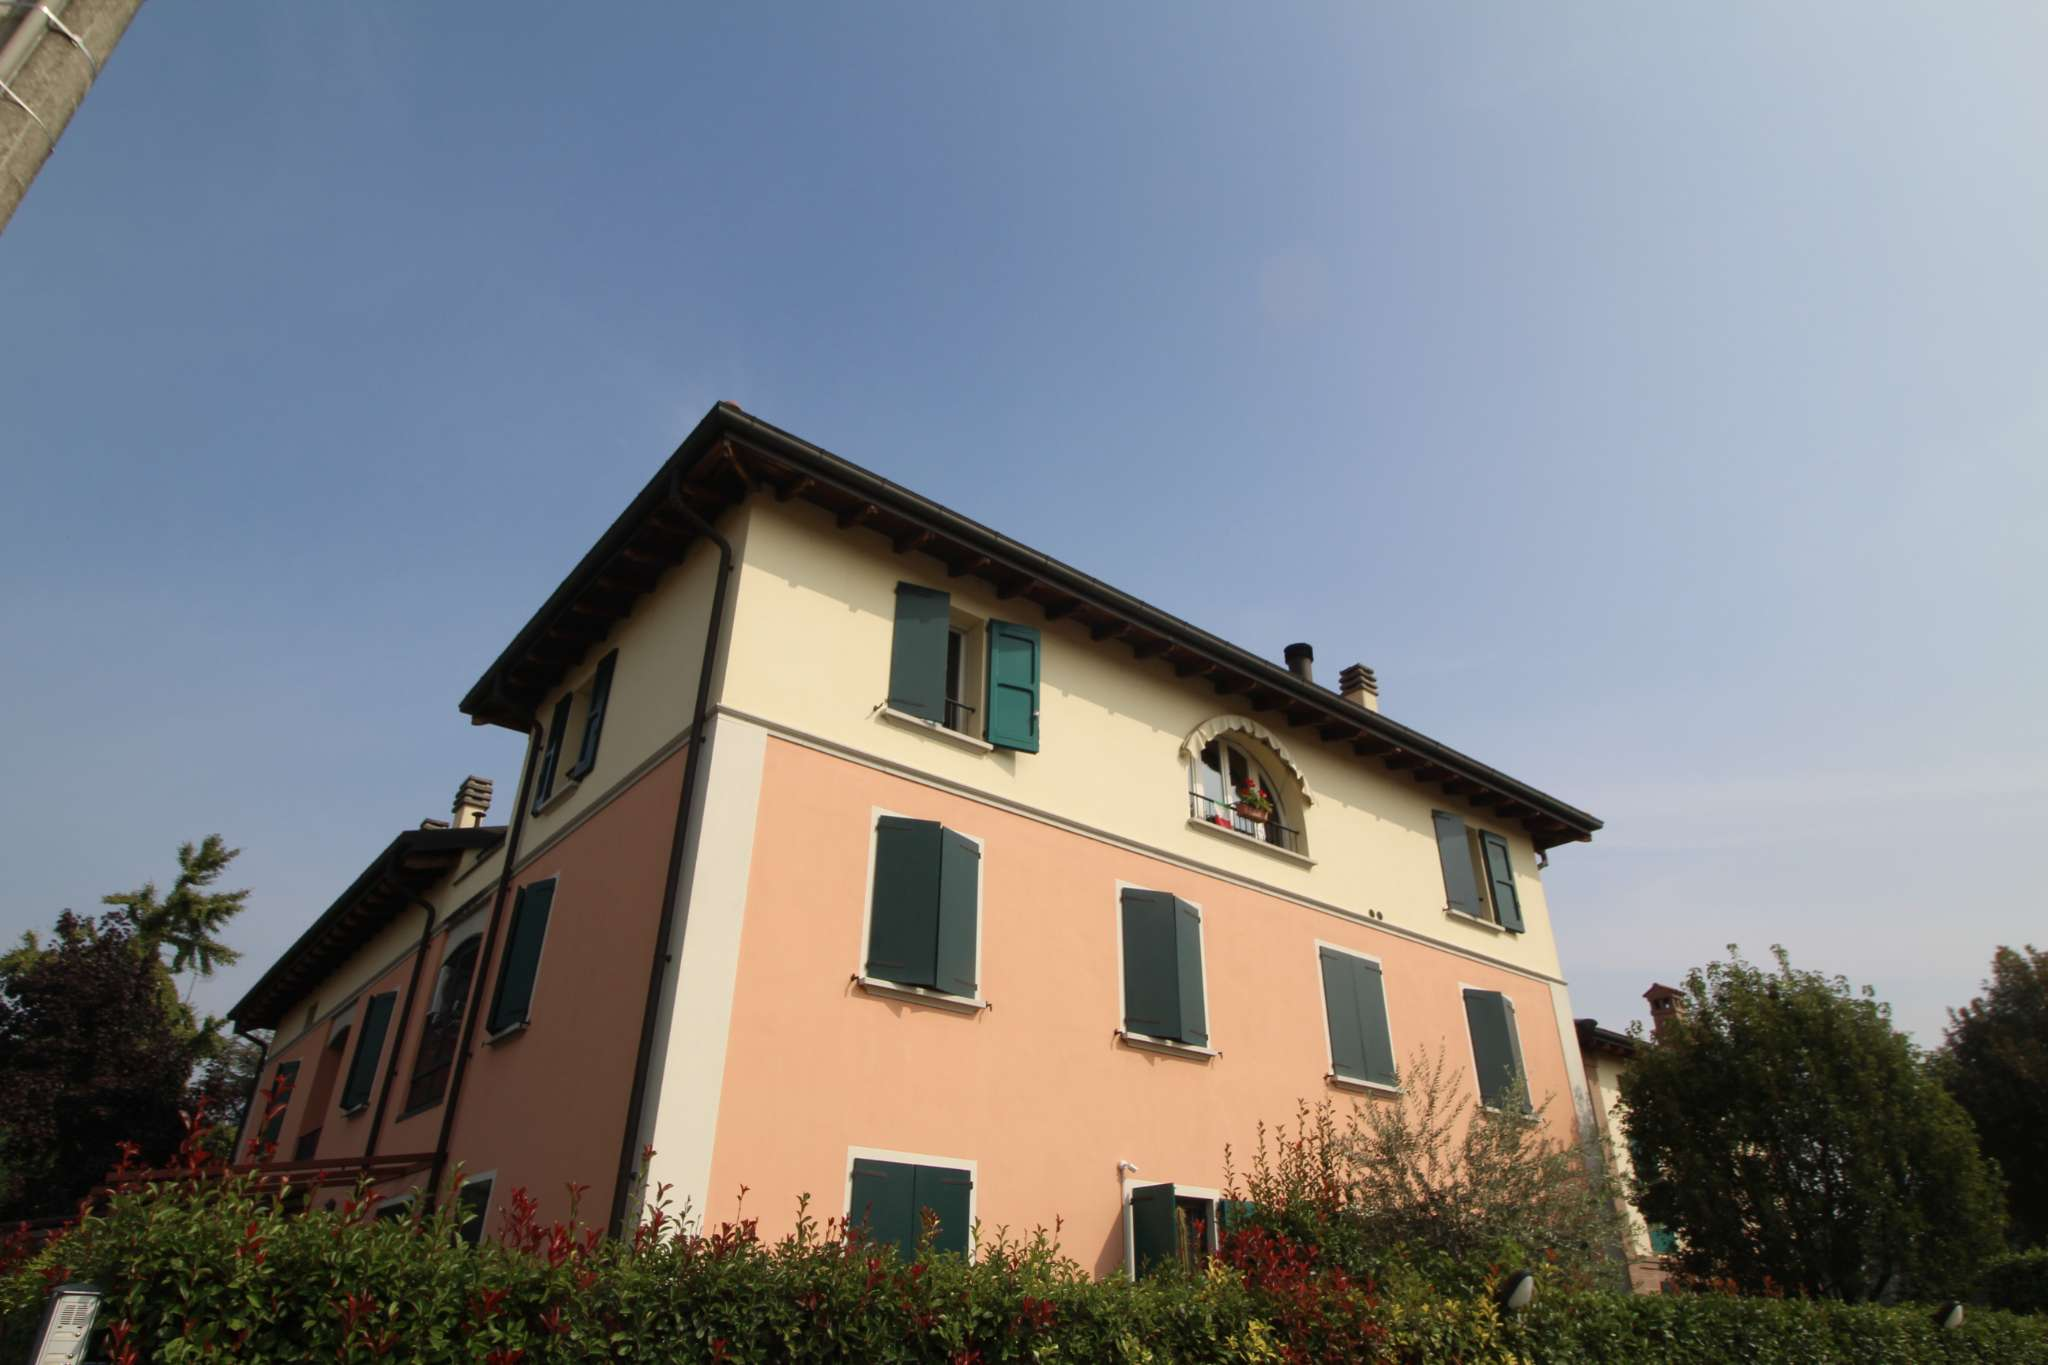 Appartamento in vendita a Valsamoggia, 5 locali, prezzo € 310.000 | PortaleAgenzieImmobiliari.it